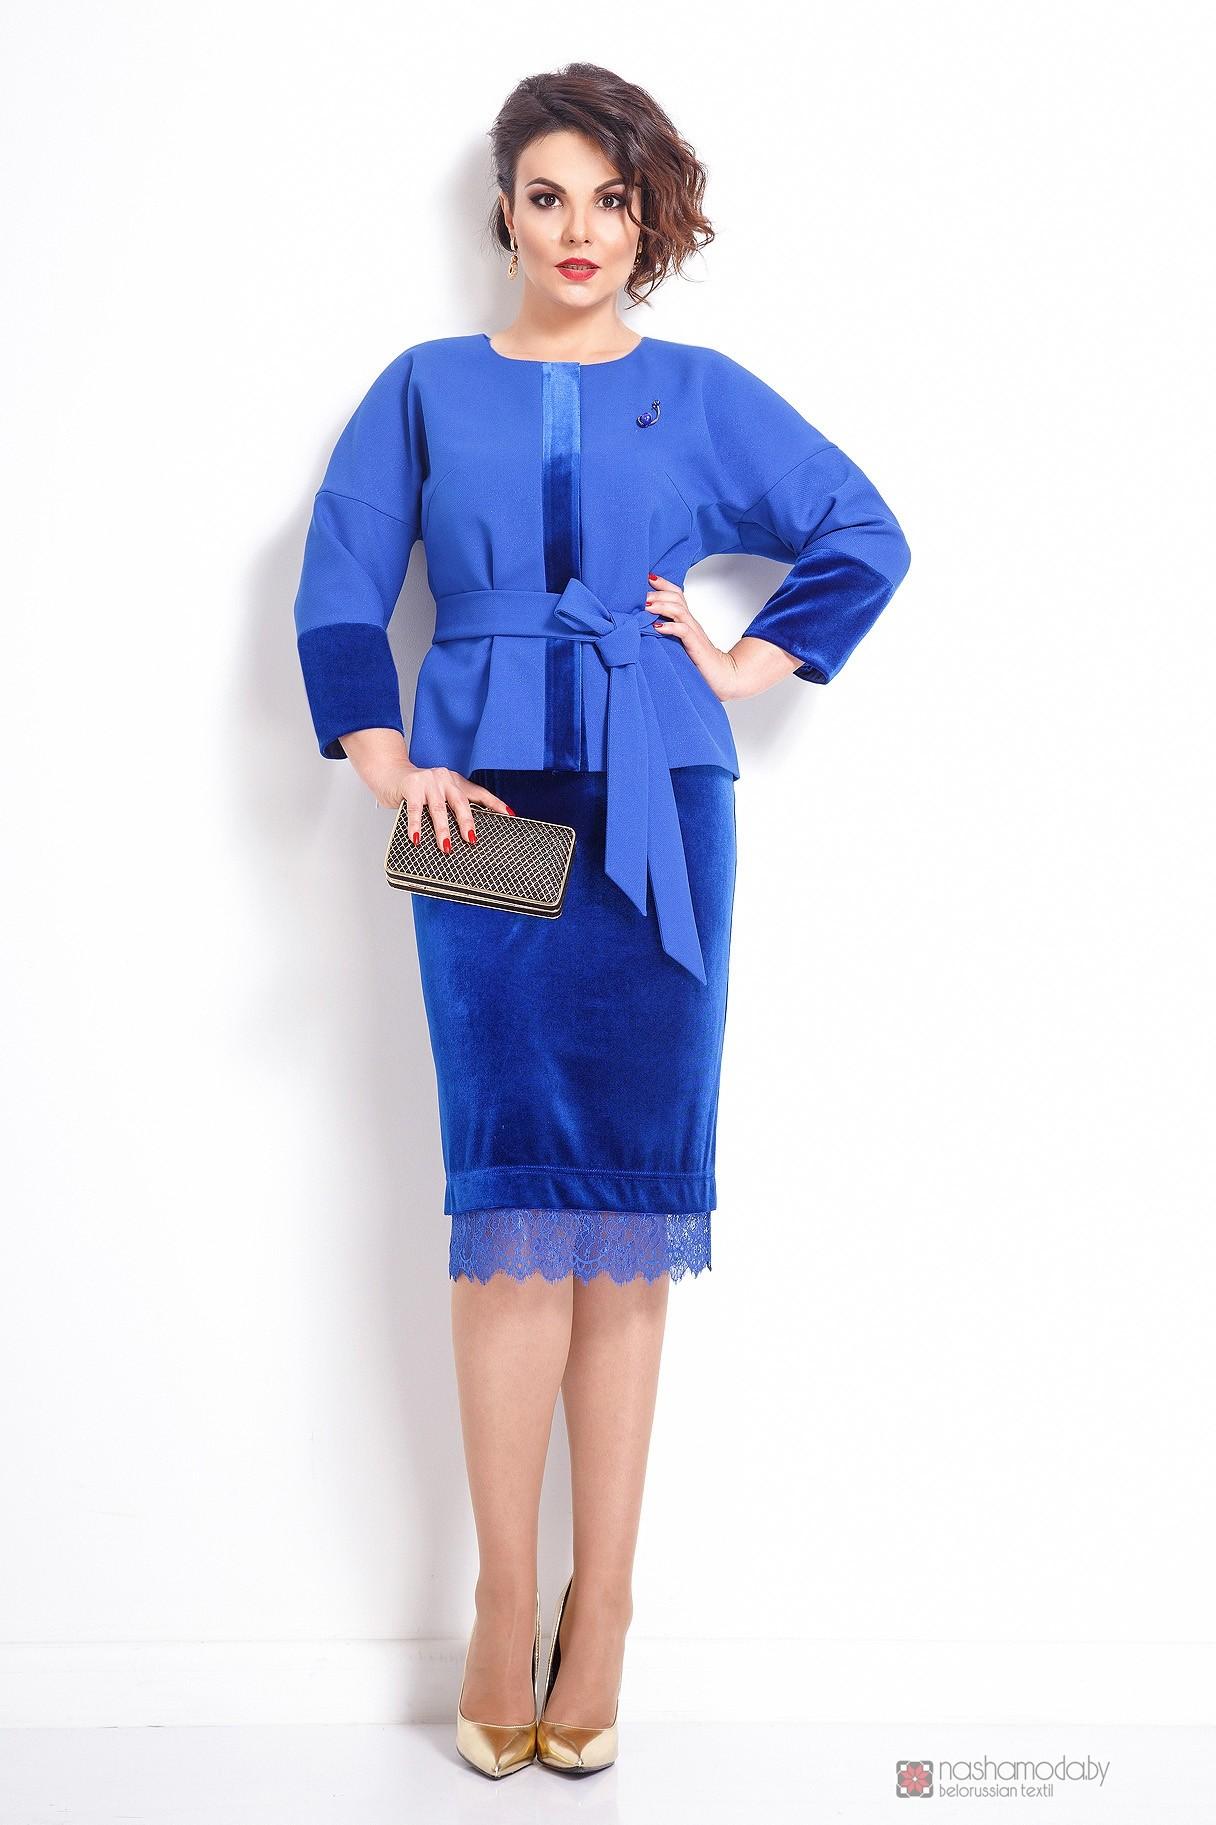 Jerusi - производитель женской одежды. Отзывы на Jerusi 295f2d21673